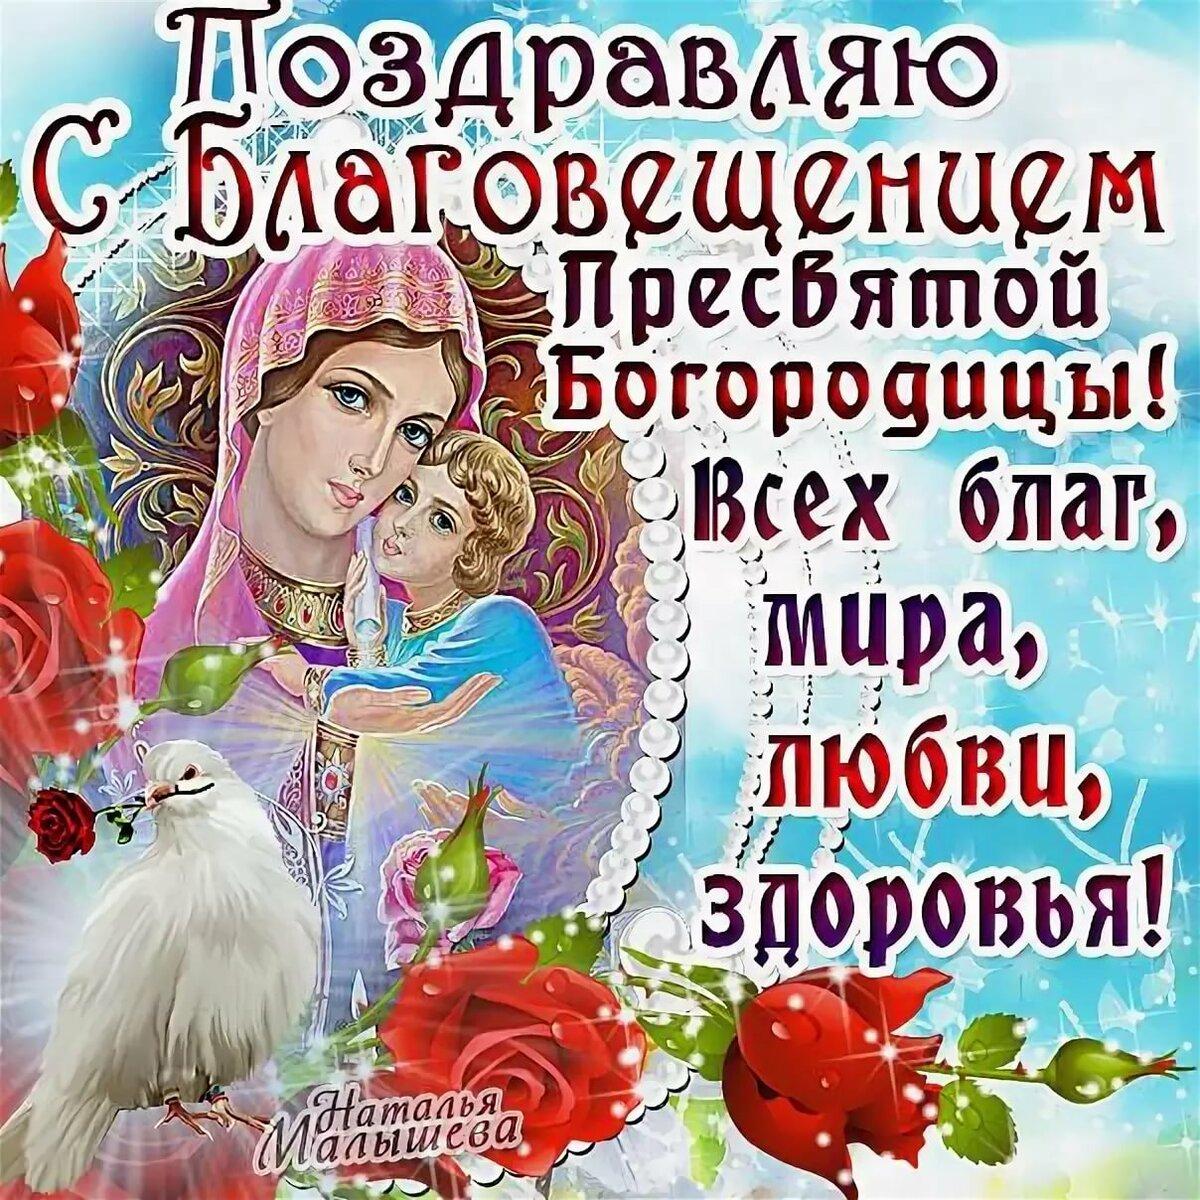 Картинки с благовещению пресвятой богородицы, ландыши гифки гламурные